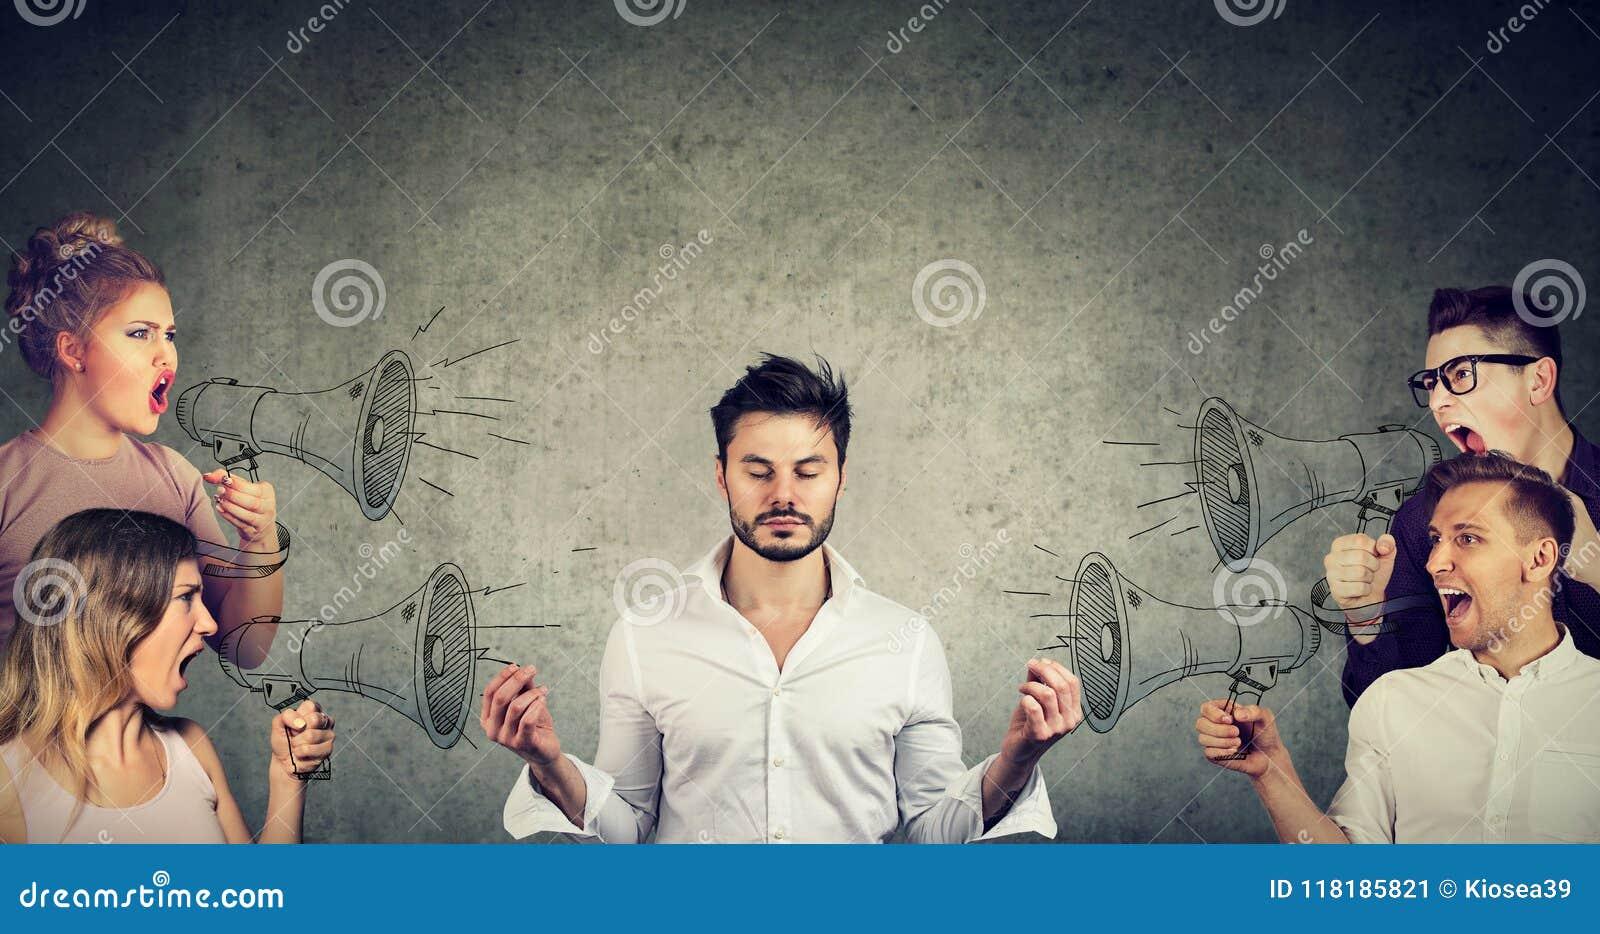 Επιχειρηματίας Meditating που δεν δίνει καμία προσοχή στο πλήθος των κραυγάζοντασων ?ν ανθρώπων